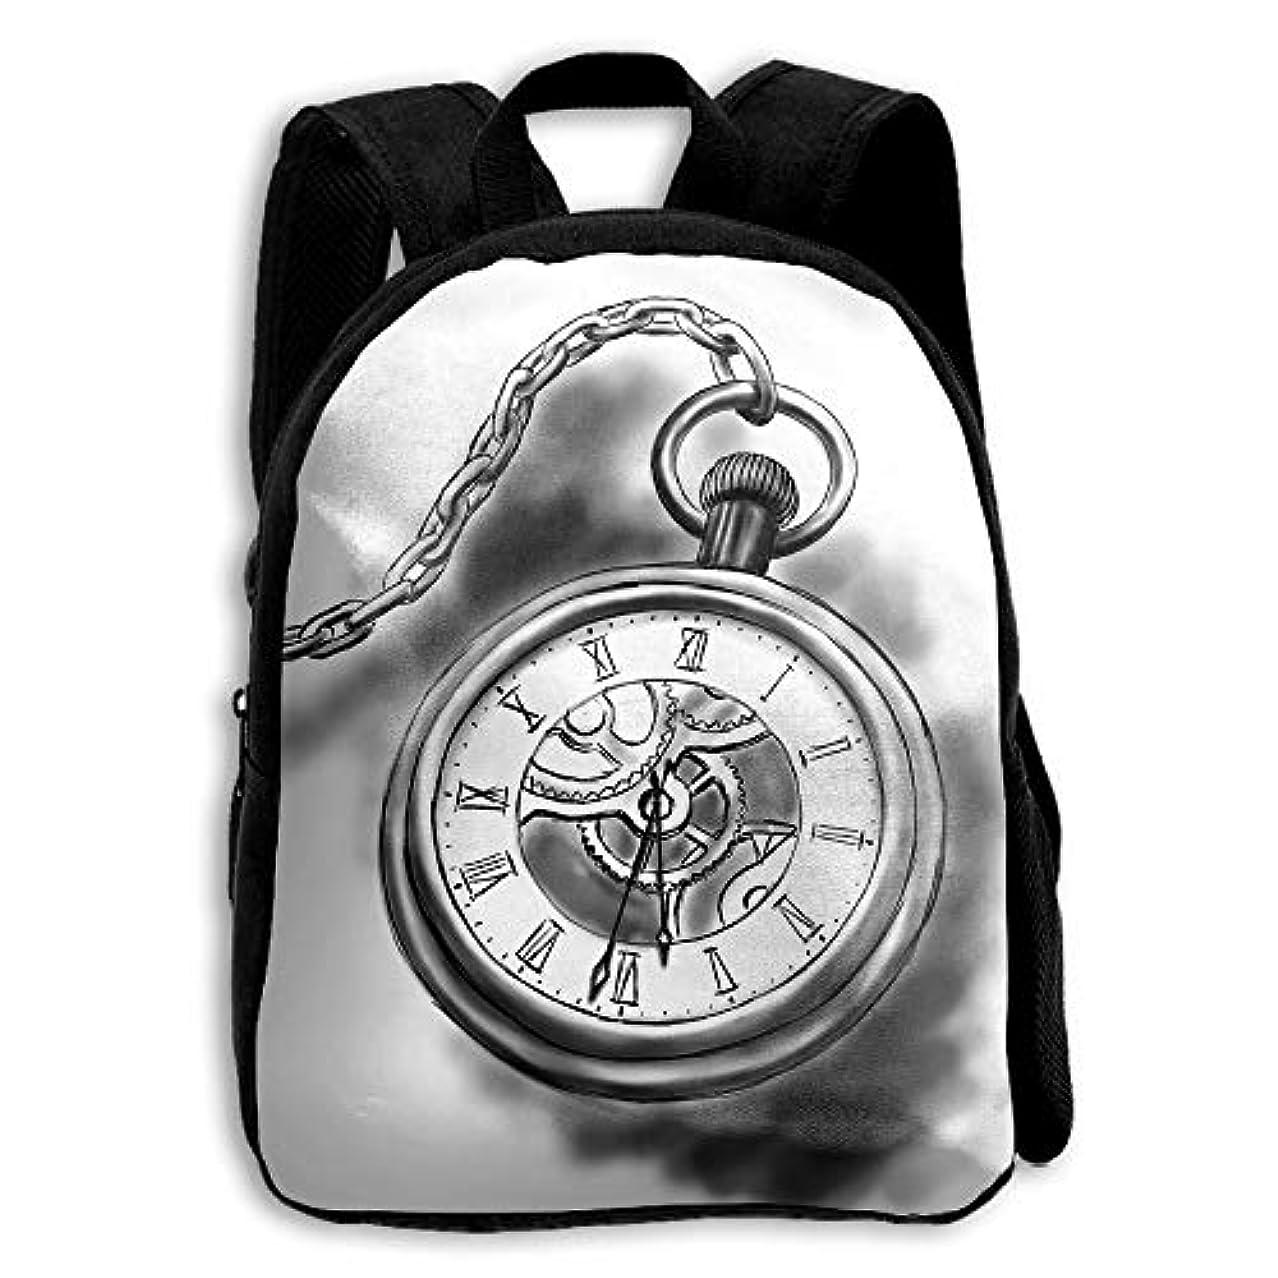 エスニックこどもの宮殿考古学的なキッズ バックパック 子供用 リュックサック 時計 ショルダー デイパック アウトドア 男の子 女の子 通学 旅行 遠足